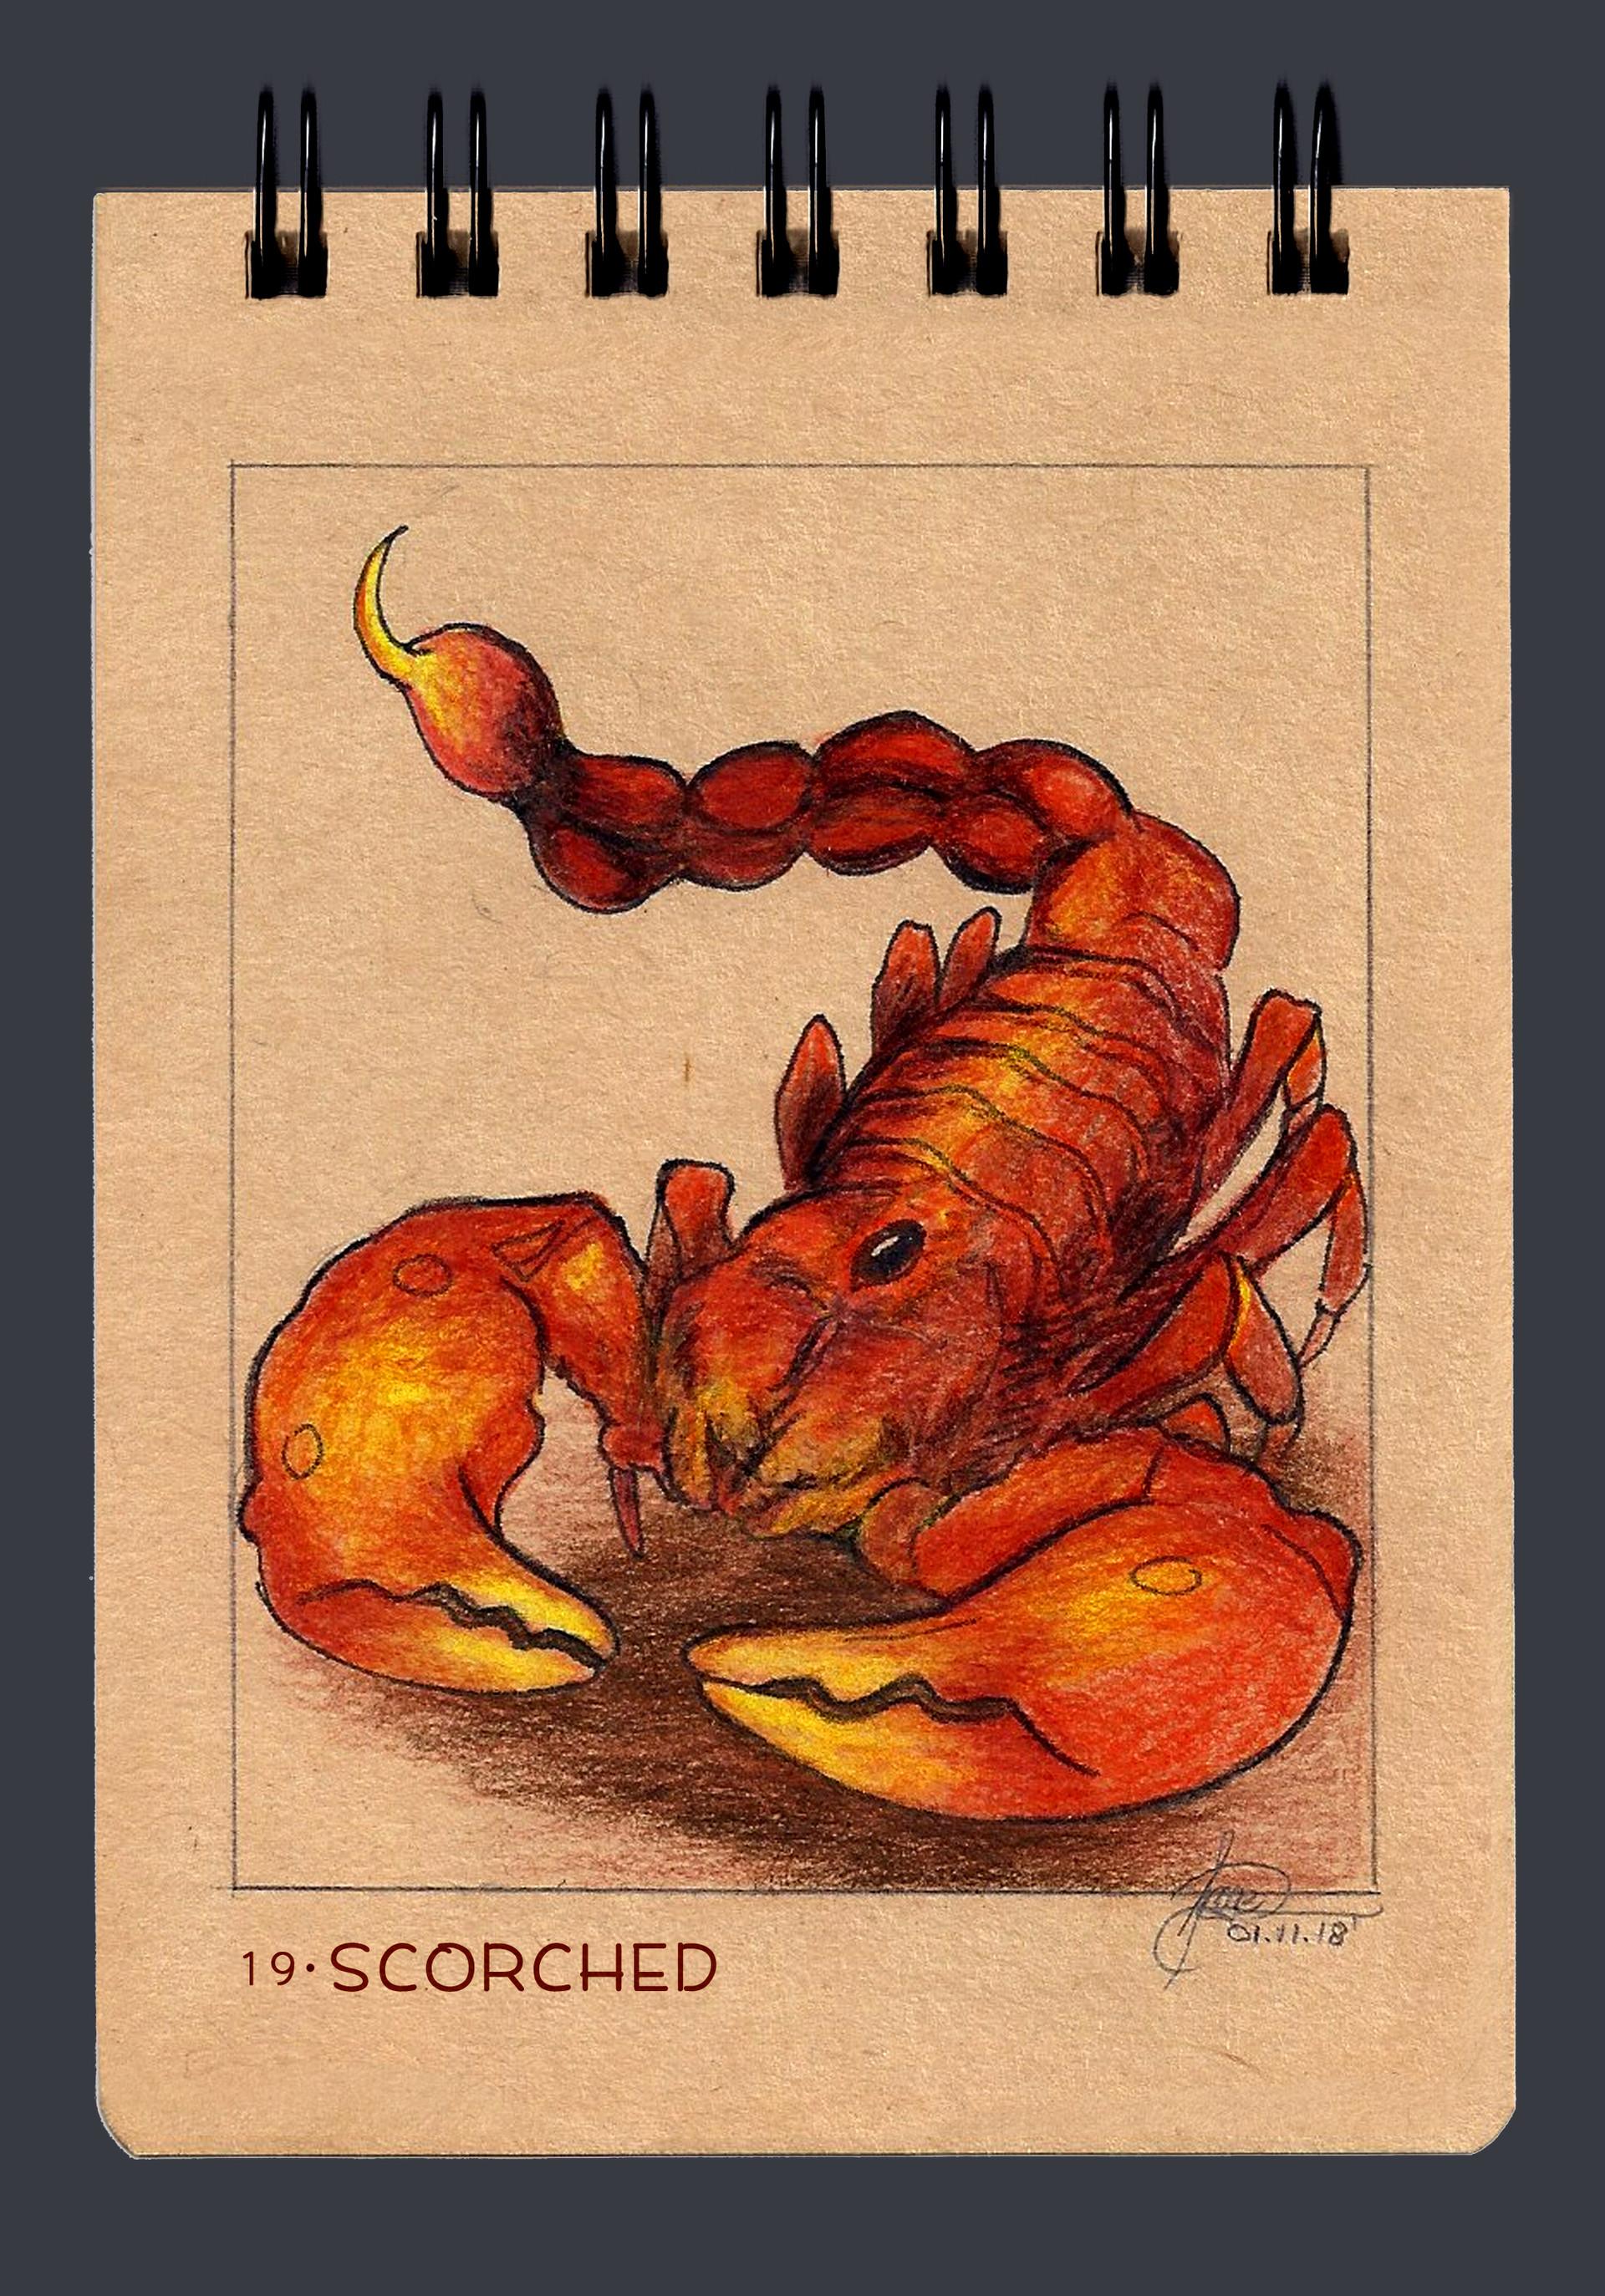 Angelica zurawski 181101 scorched